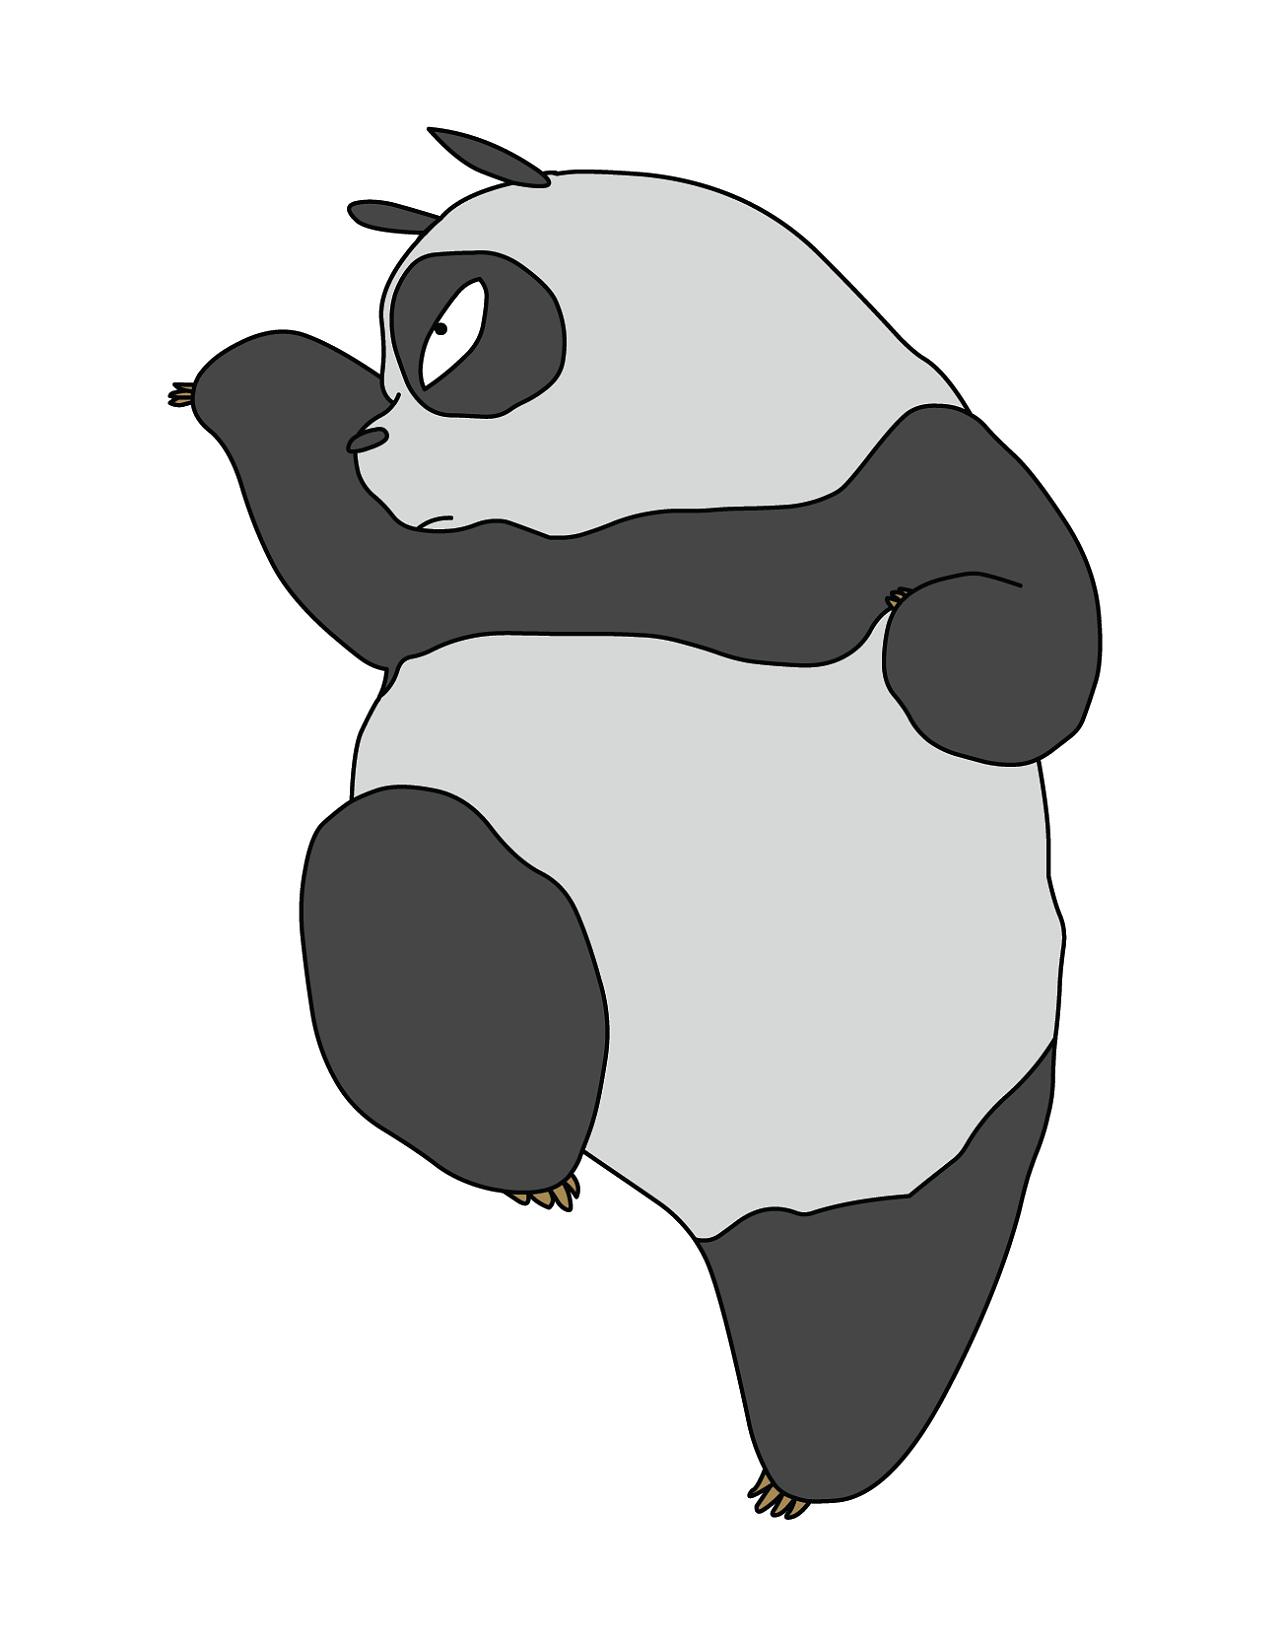 熊猫班旗设计图案大全图片